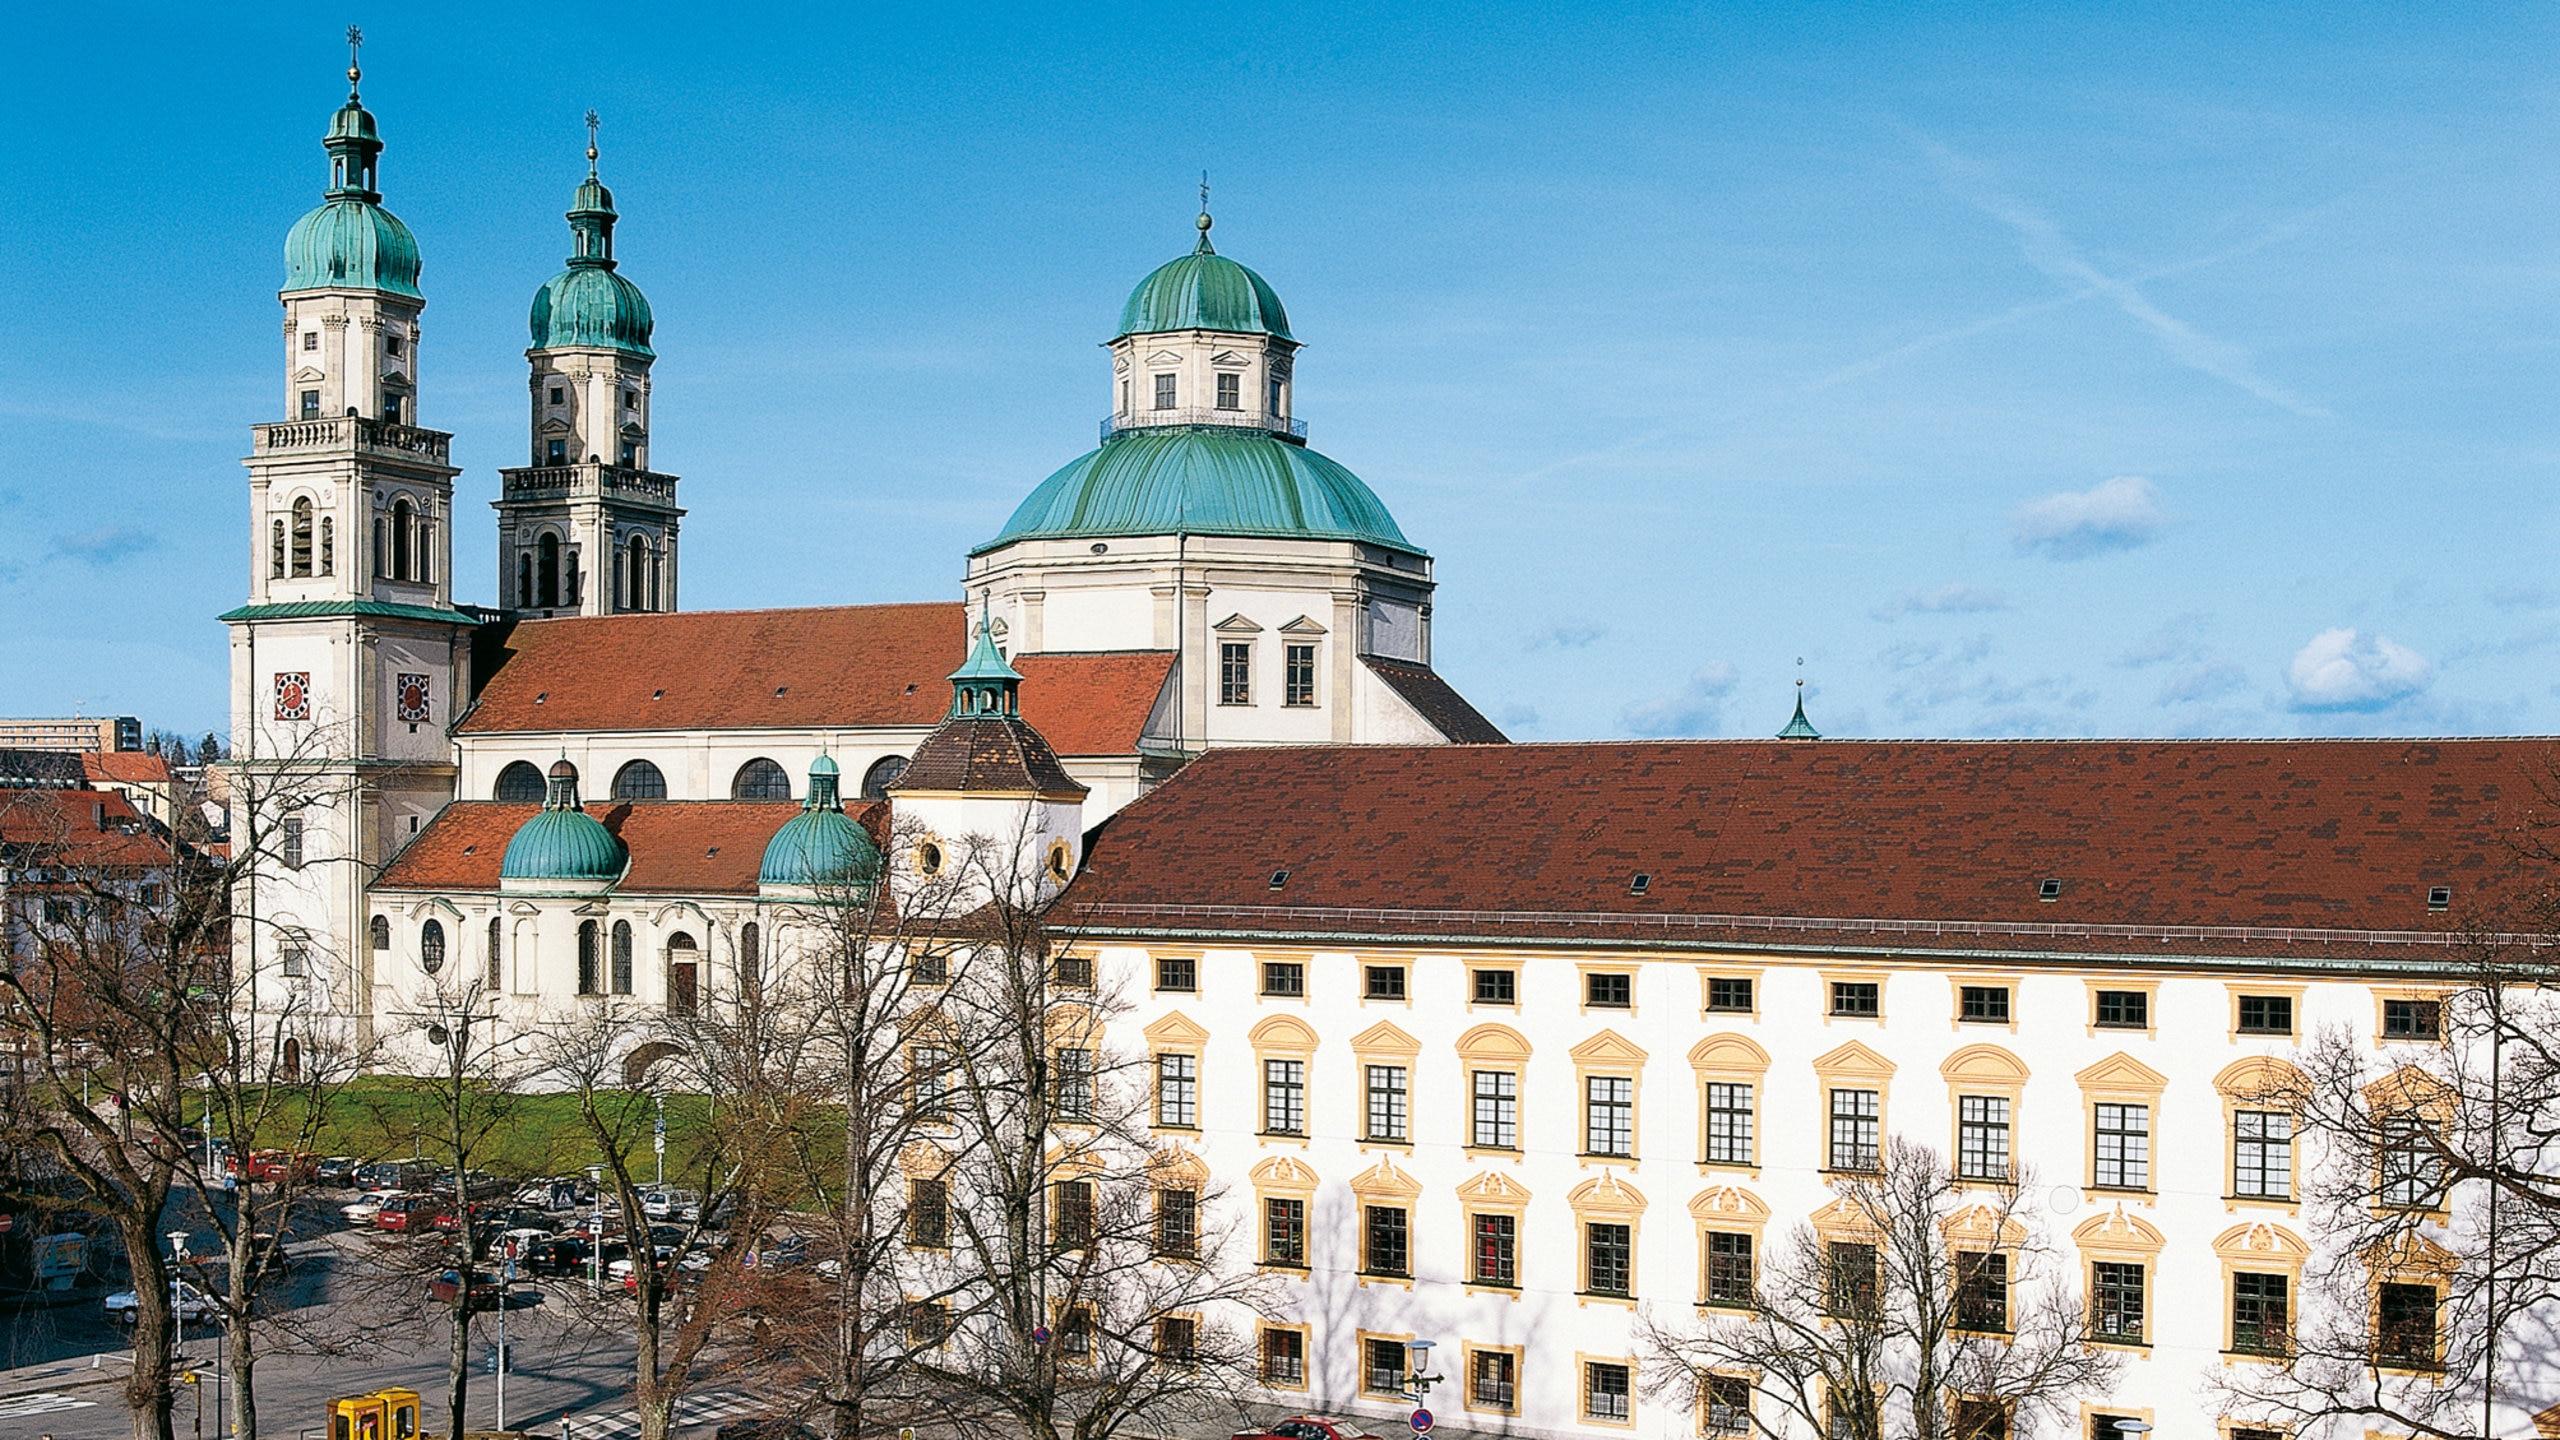 Oberallgäu, Bavaria, Germany